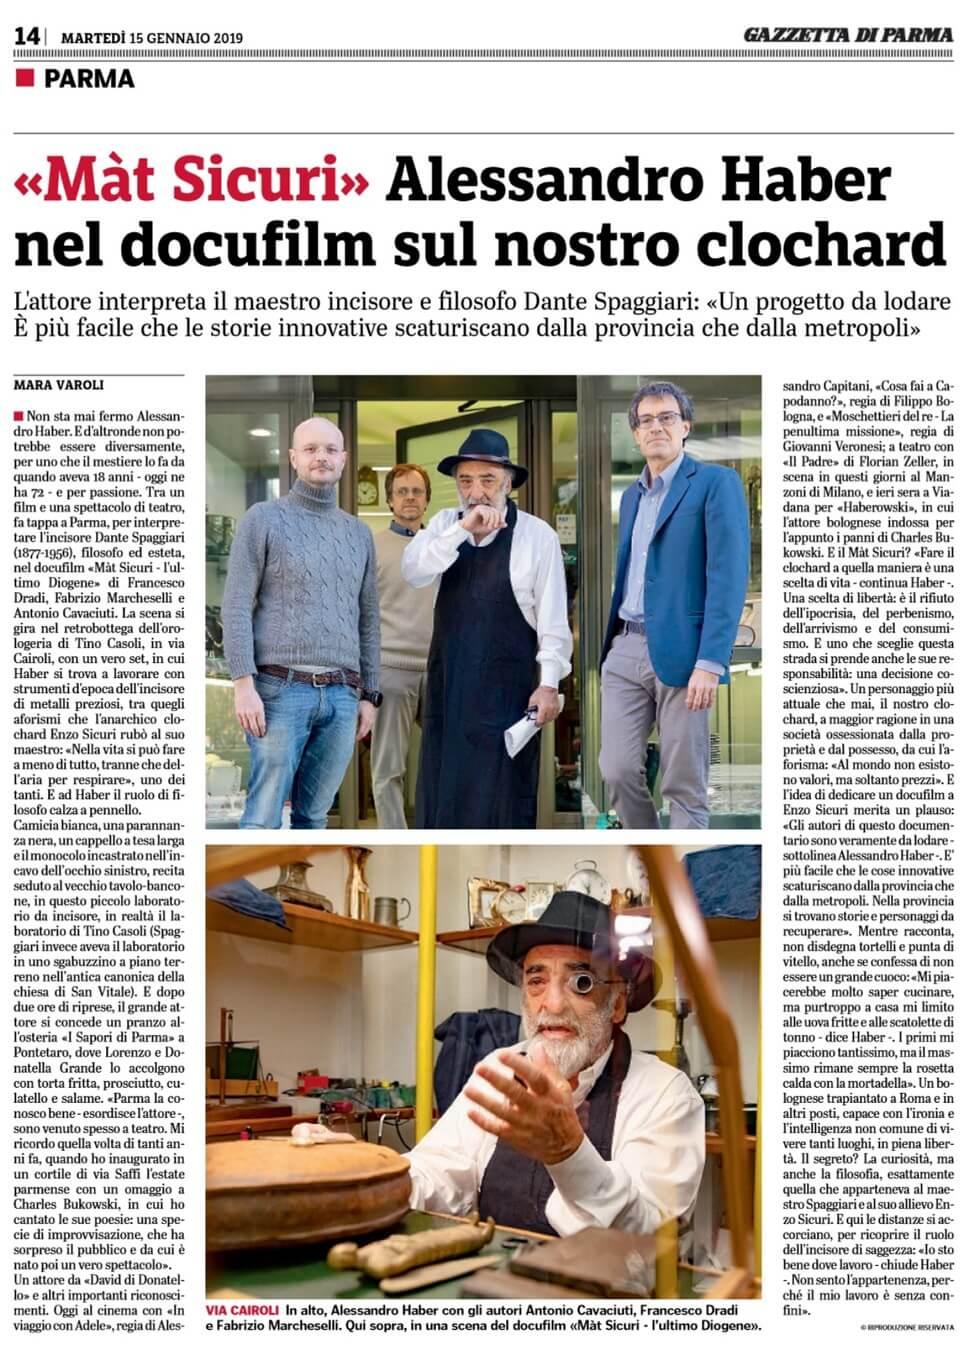 Gazzetta di Parma, l'attore Alessandro Haber è Spaggiari nel docufilm